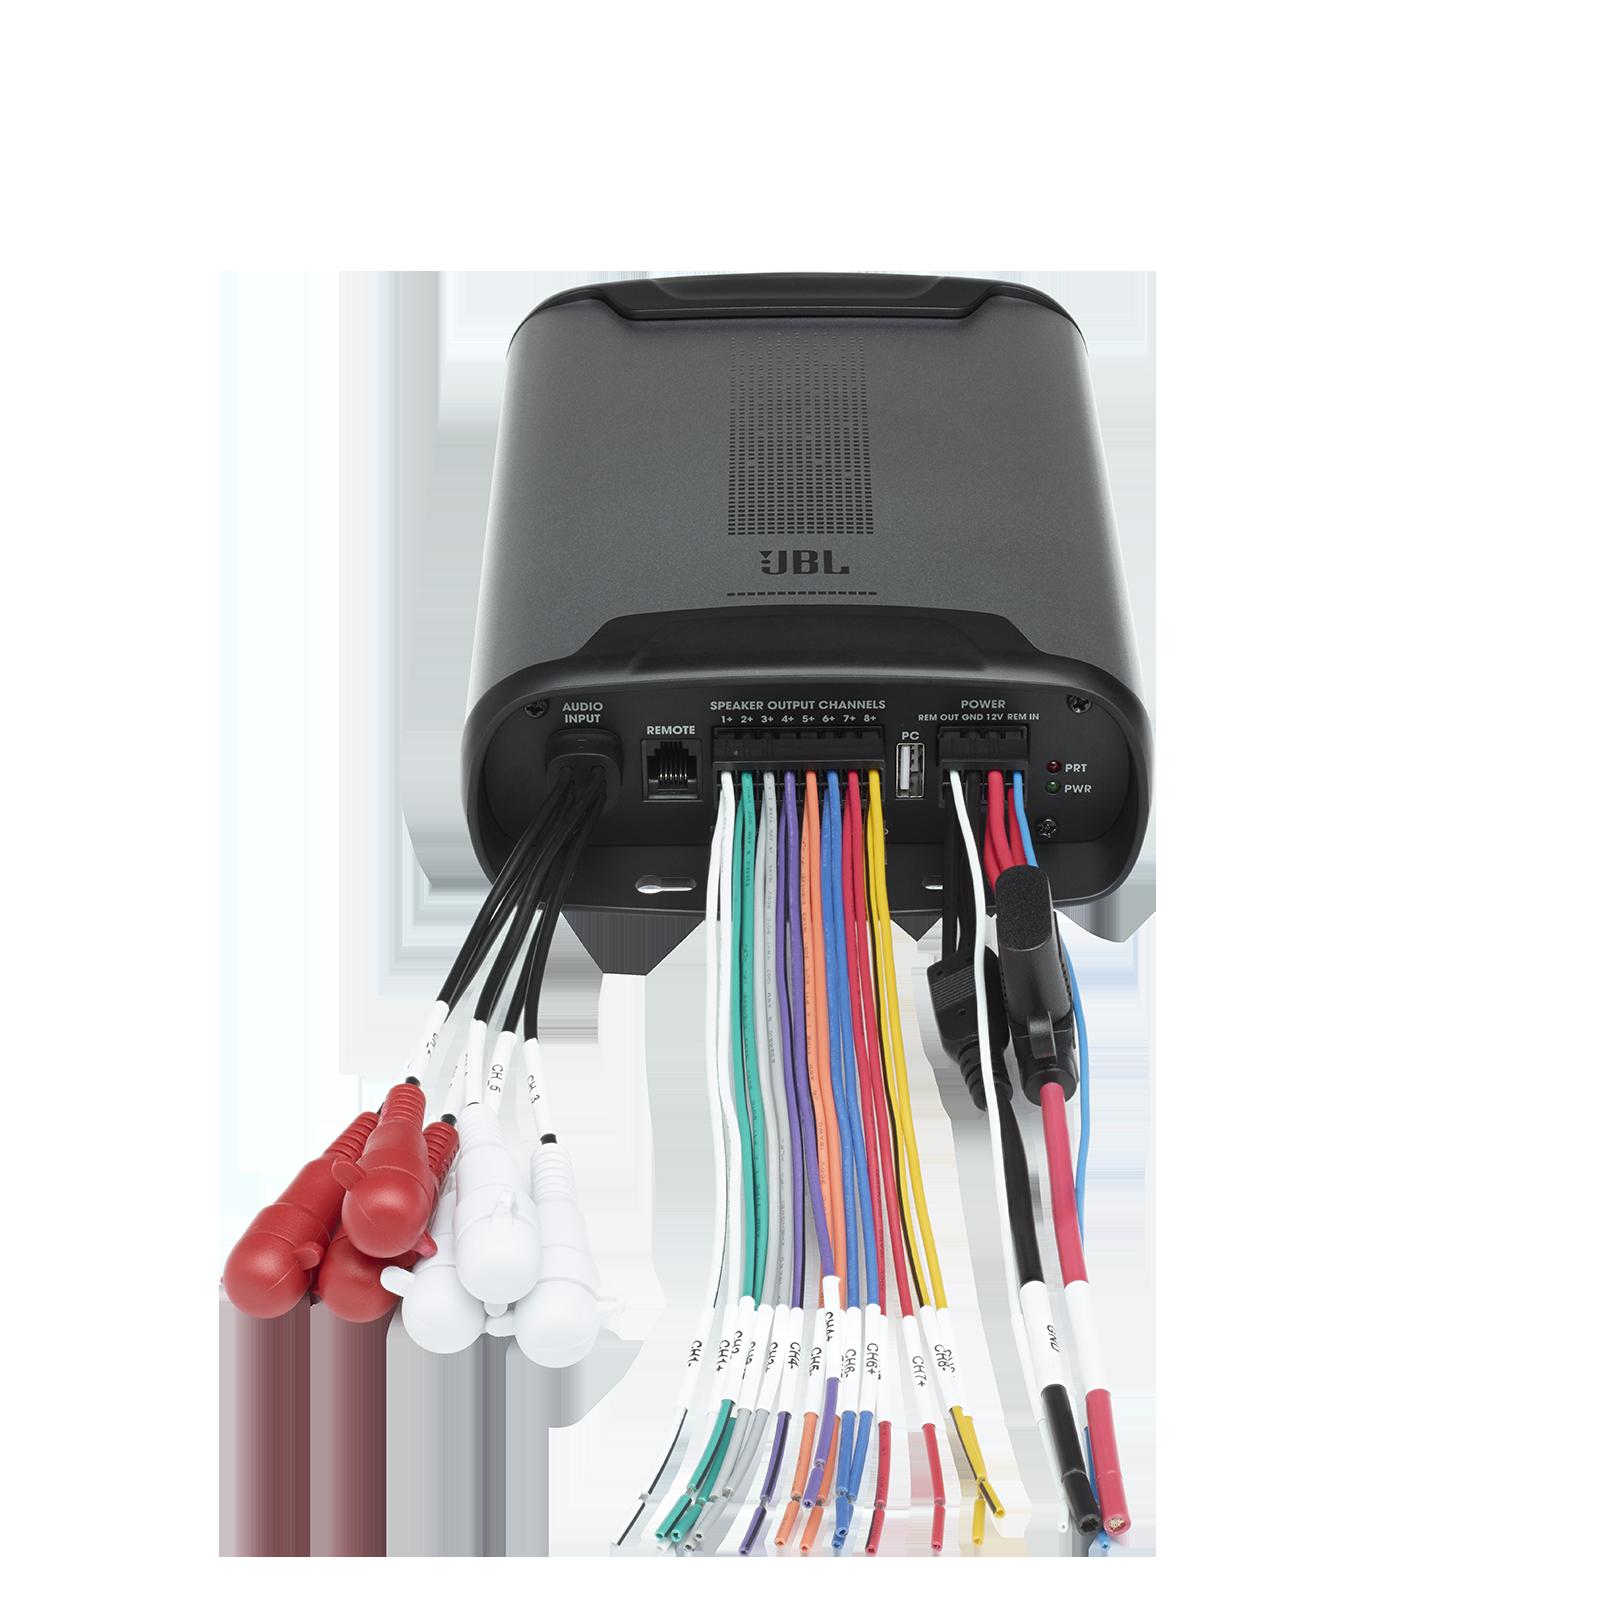 JBL DSP Amplifier DSP4086 - Black - Detailshot 2